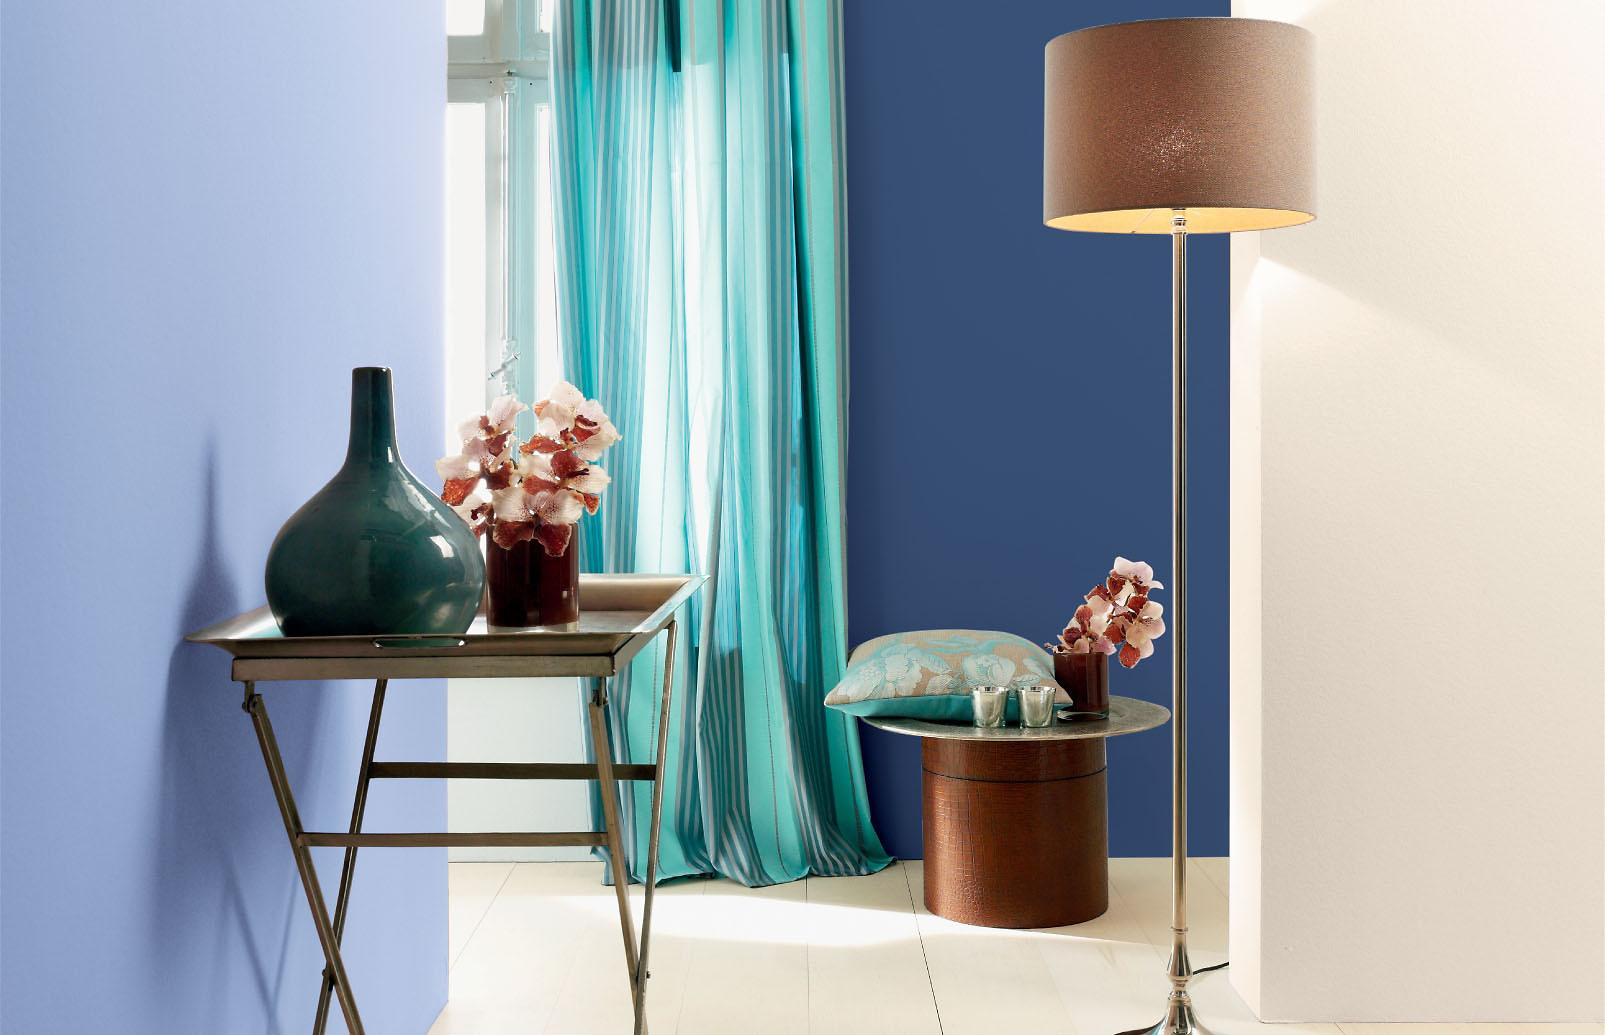 welche farben passen zusammen alpina farbe wirkung. Black Bedroom Furniture Sets. Home Design Ideas